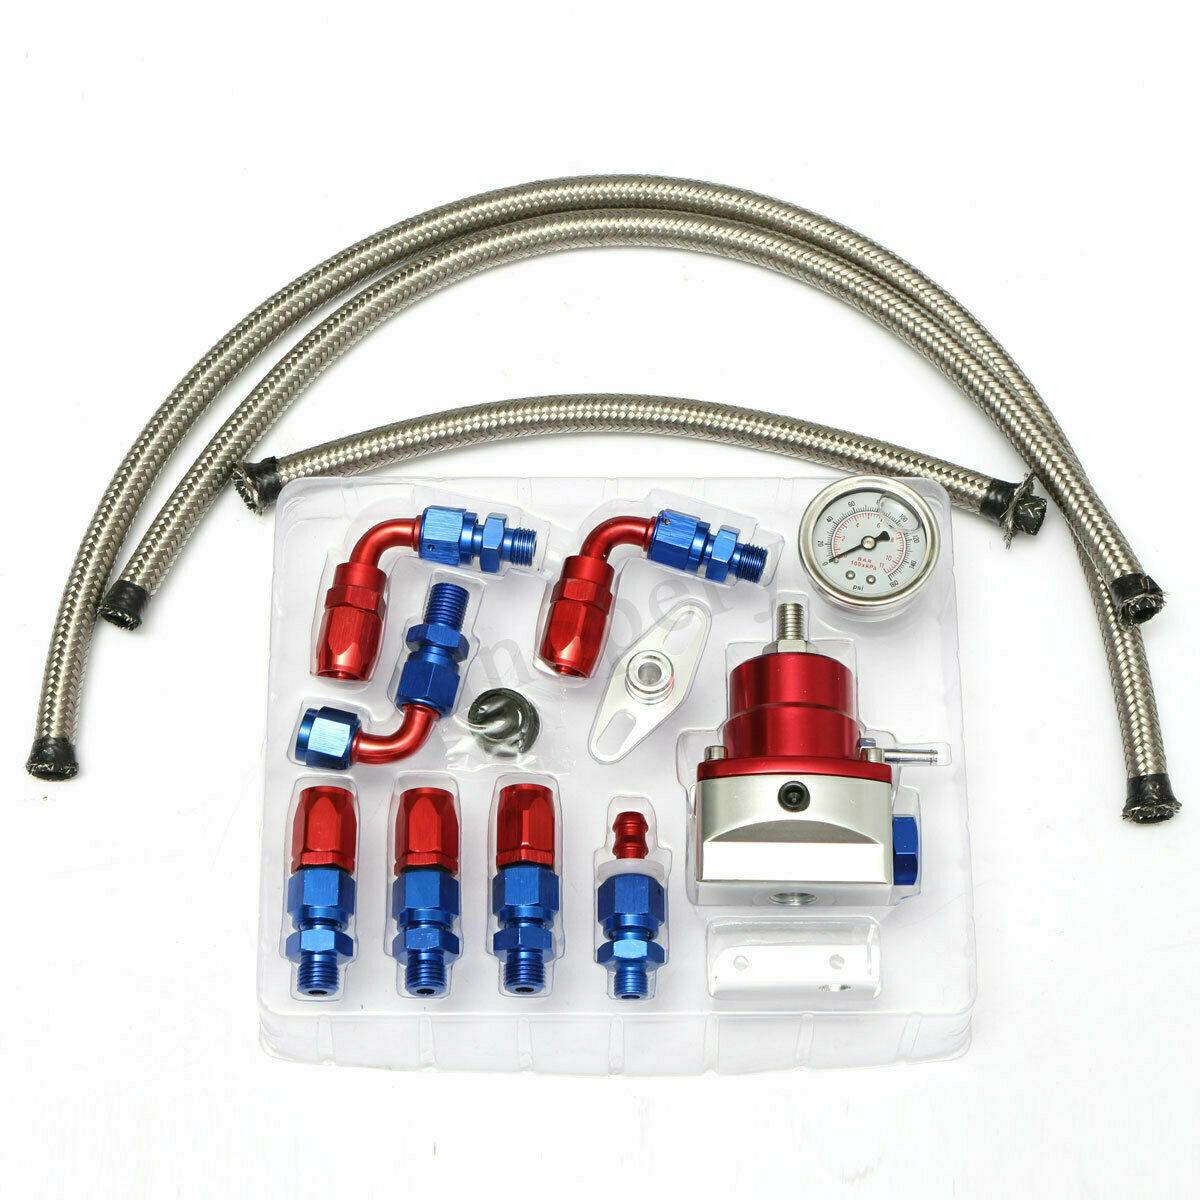 Universal Adjustable Fuel Pressure Regulator Oil Gauge PSI Adjustment Red blue